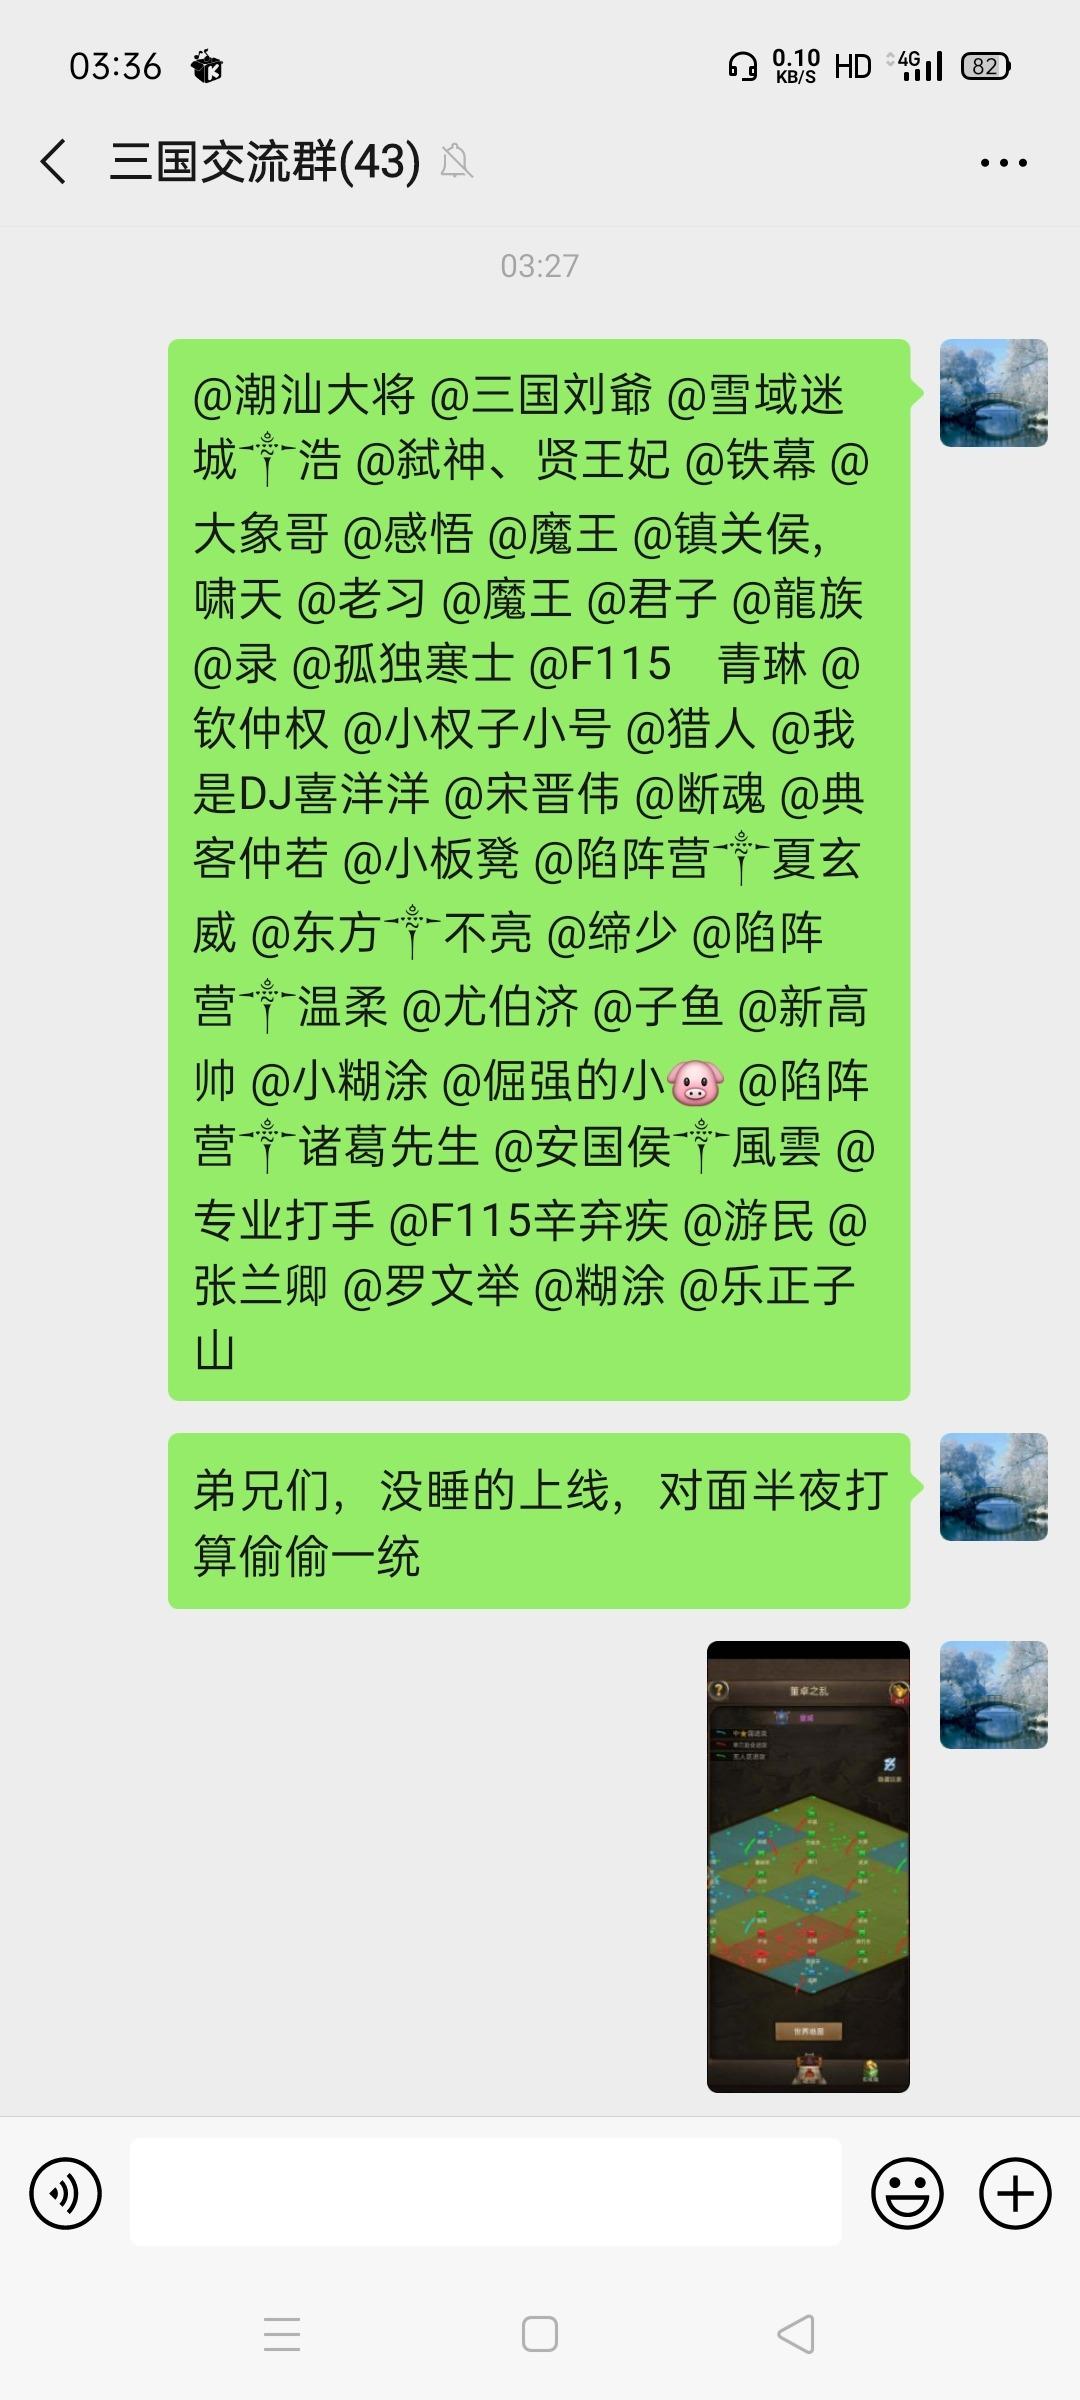 Screenshot_2020-04-28-03-36-15-72.jpg